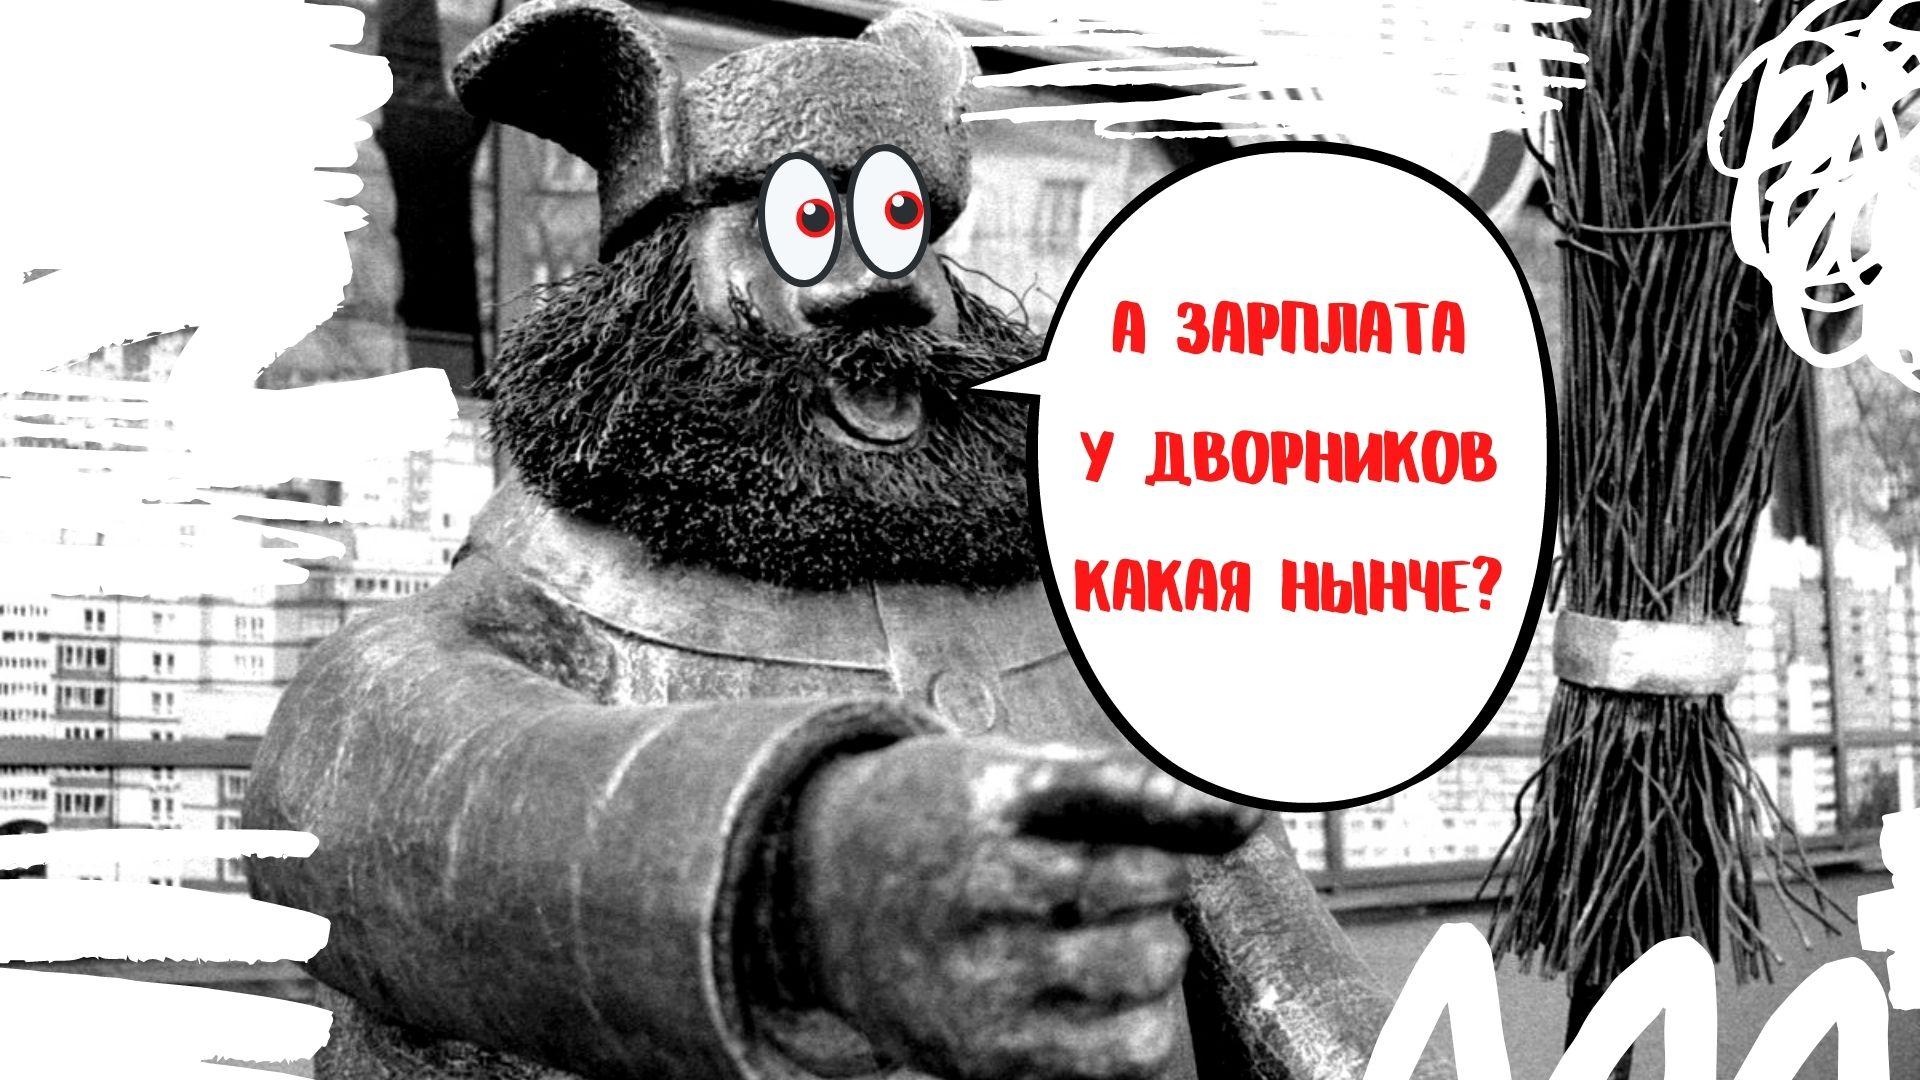 Сколько зарабатывает Дворник   Cредняя з.п. в месяц в России